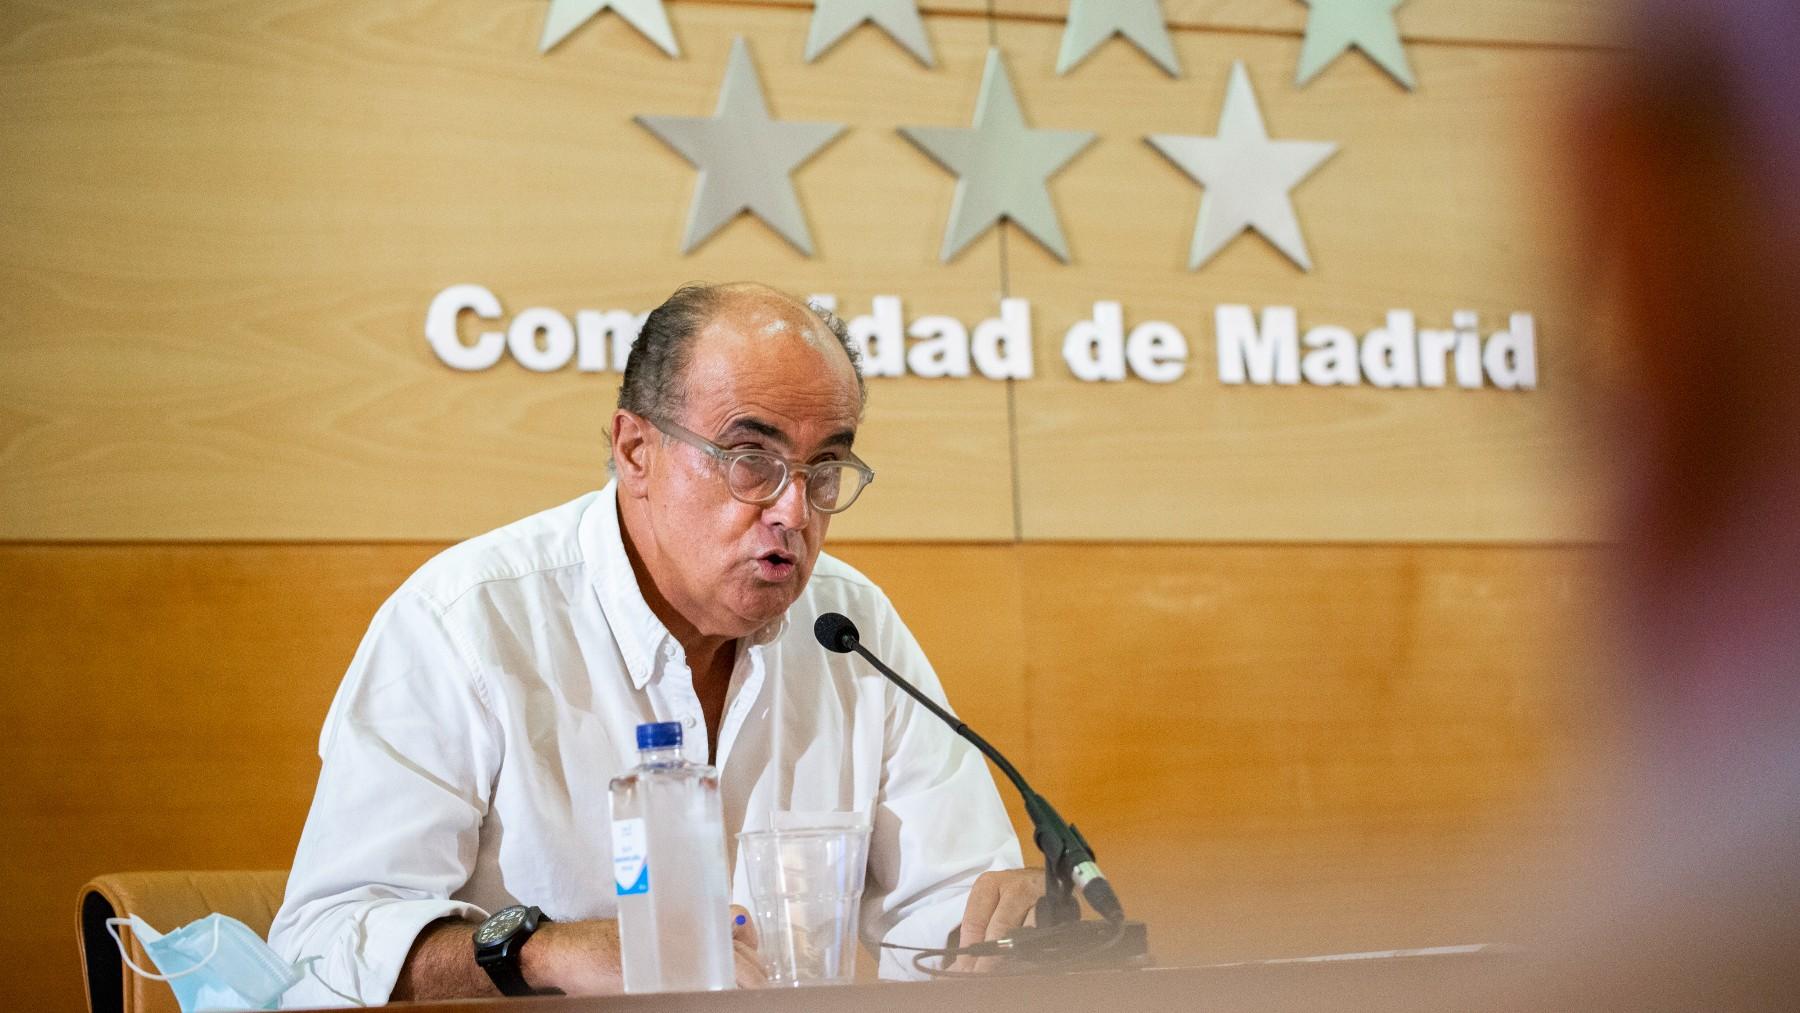 El viceconsejero de Asistencia Sanitaria y Salud Pública de la Comunidad de Madrid, Antonio Zapatero.